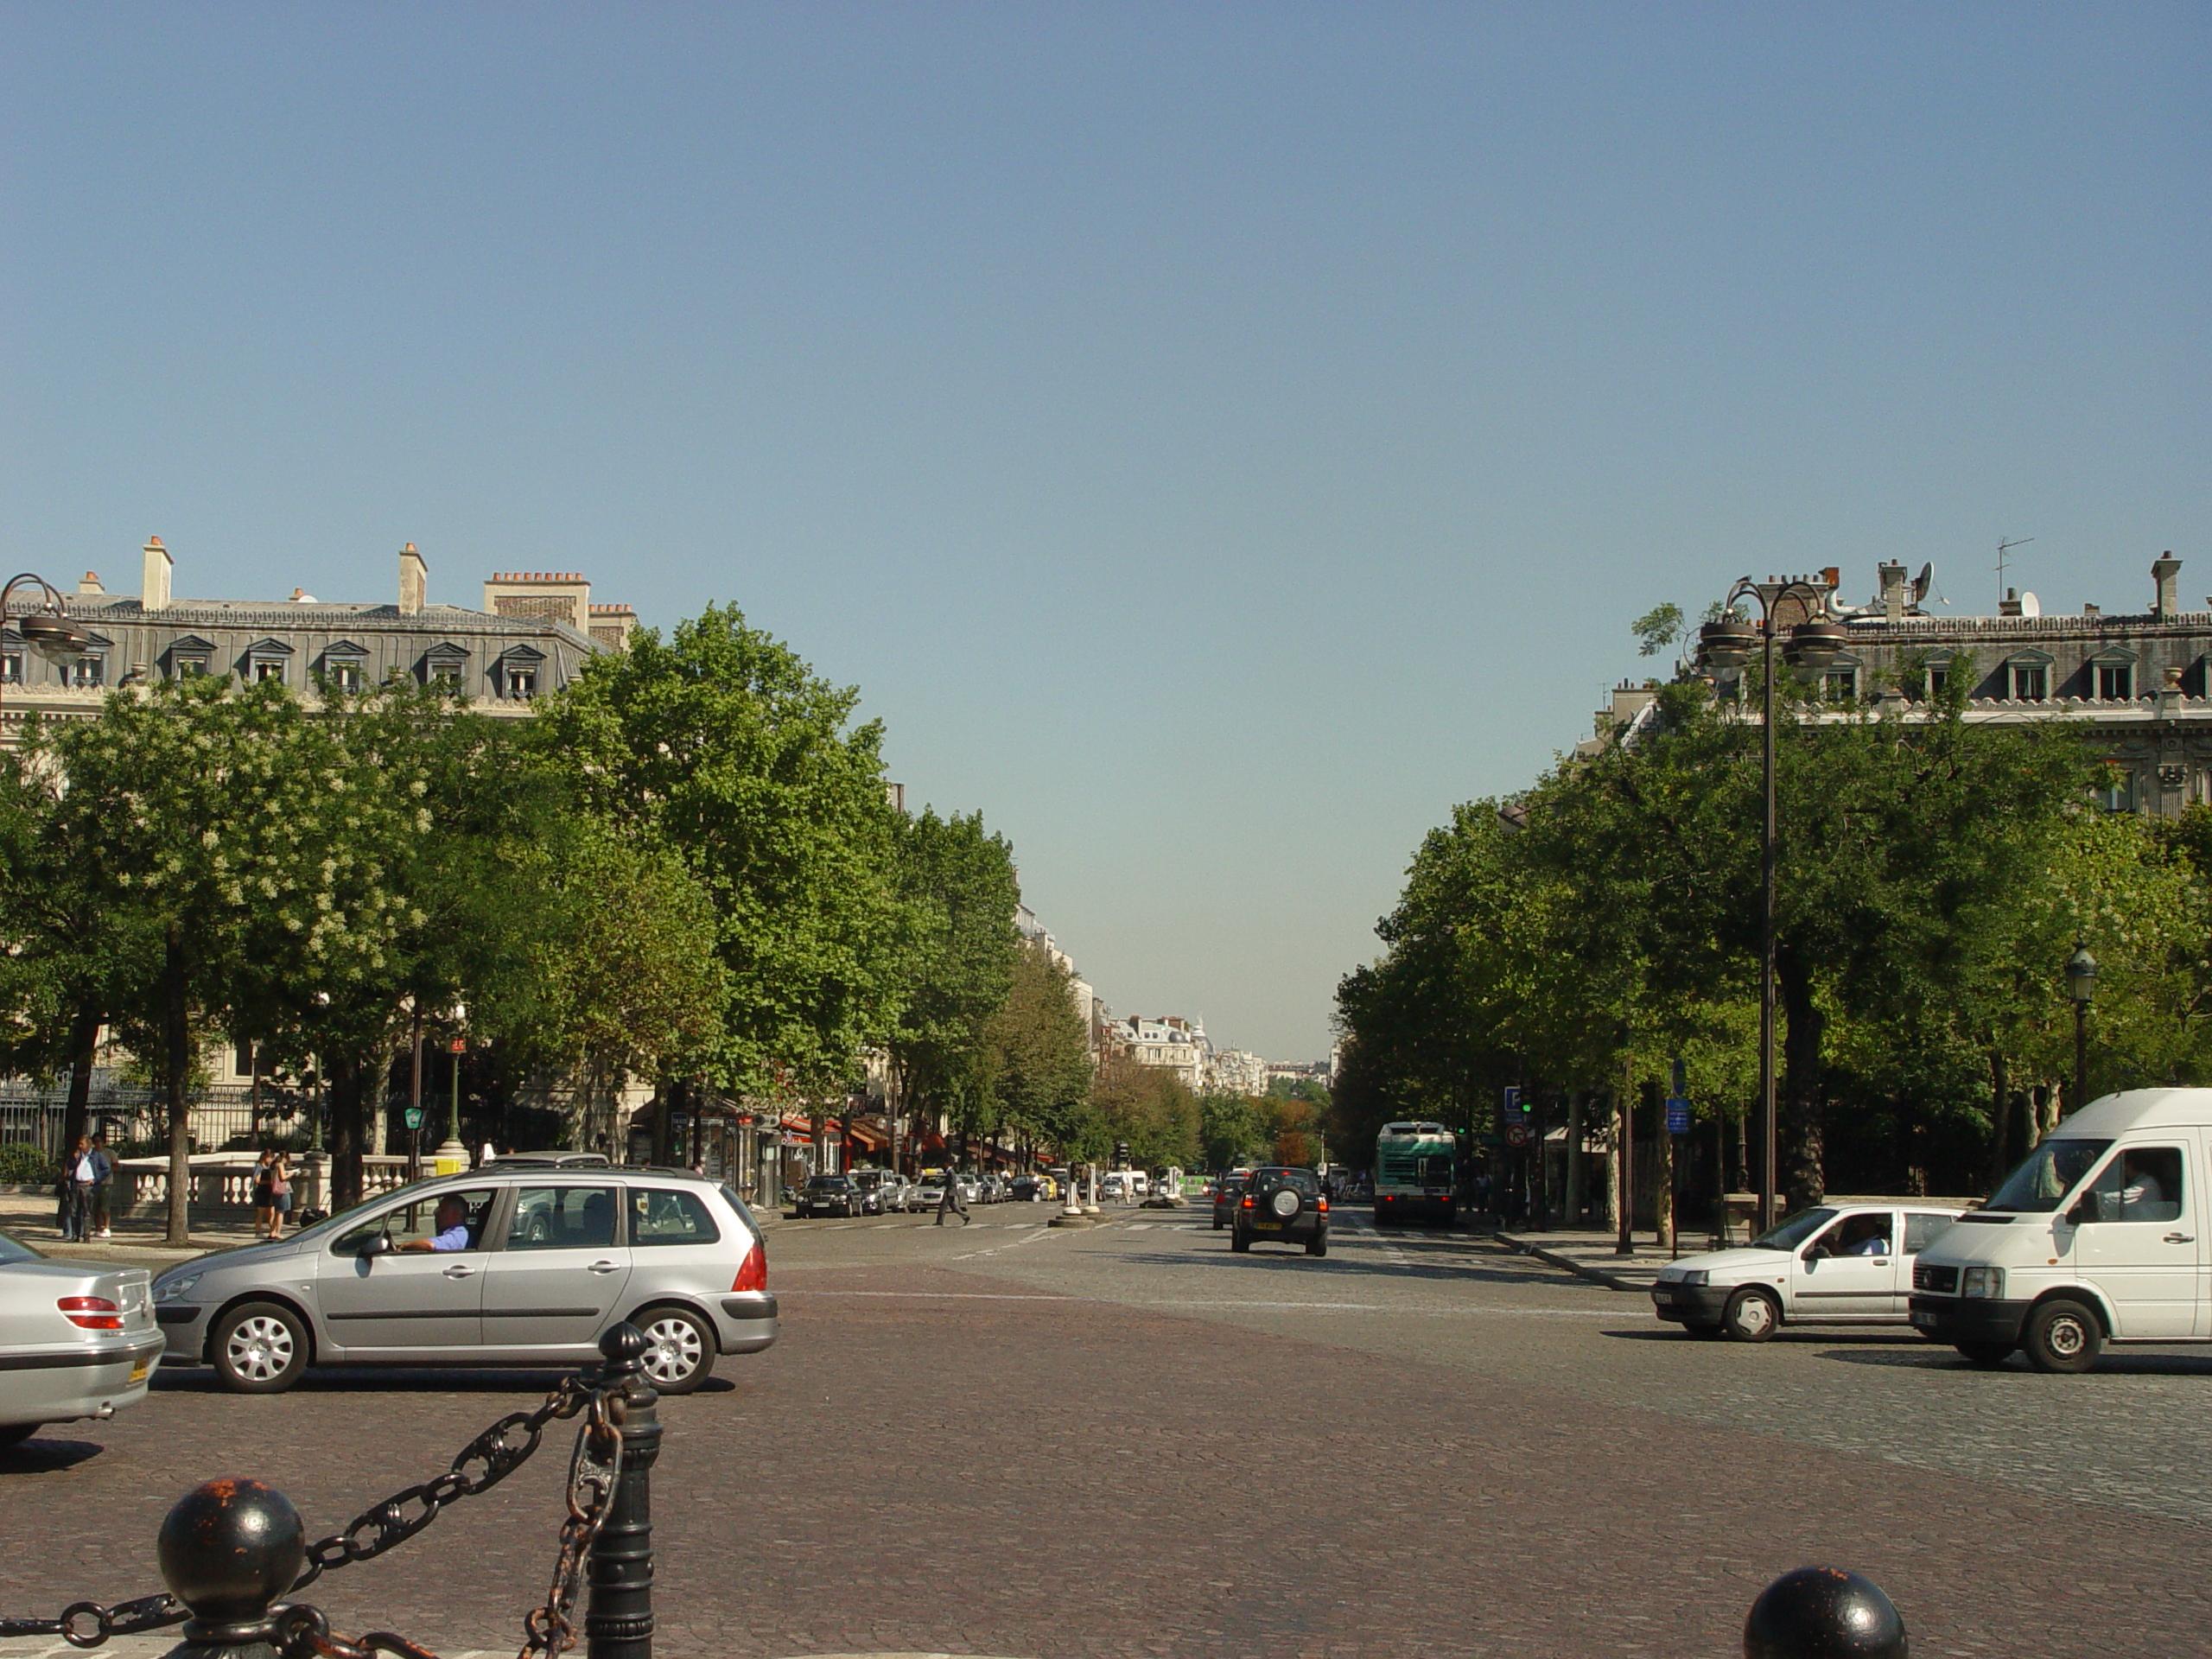 独自浪漫——巴黎  World Trave...欧美